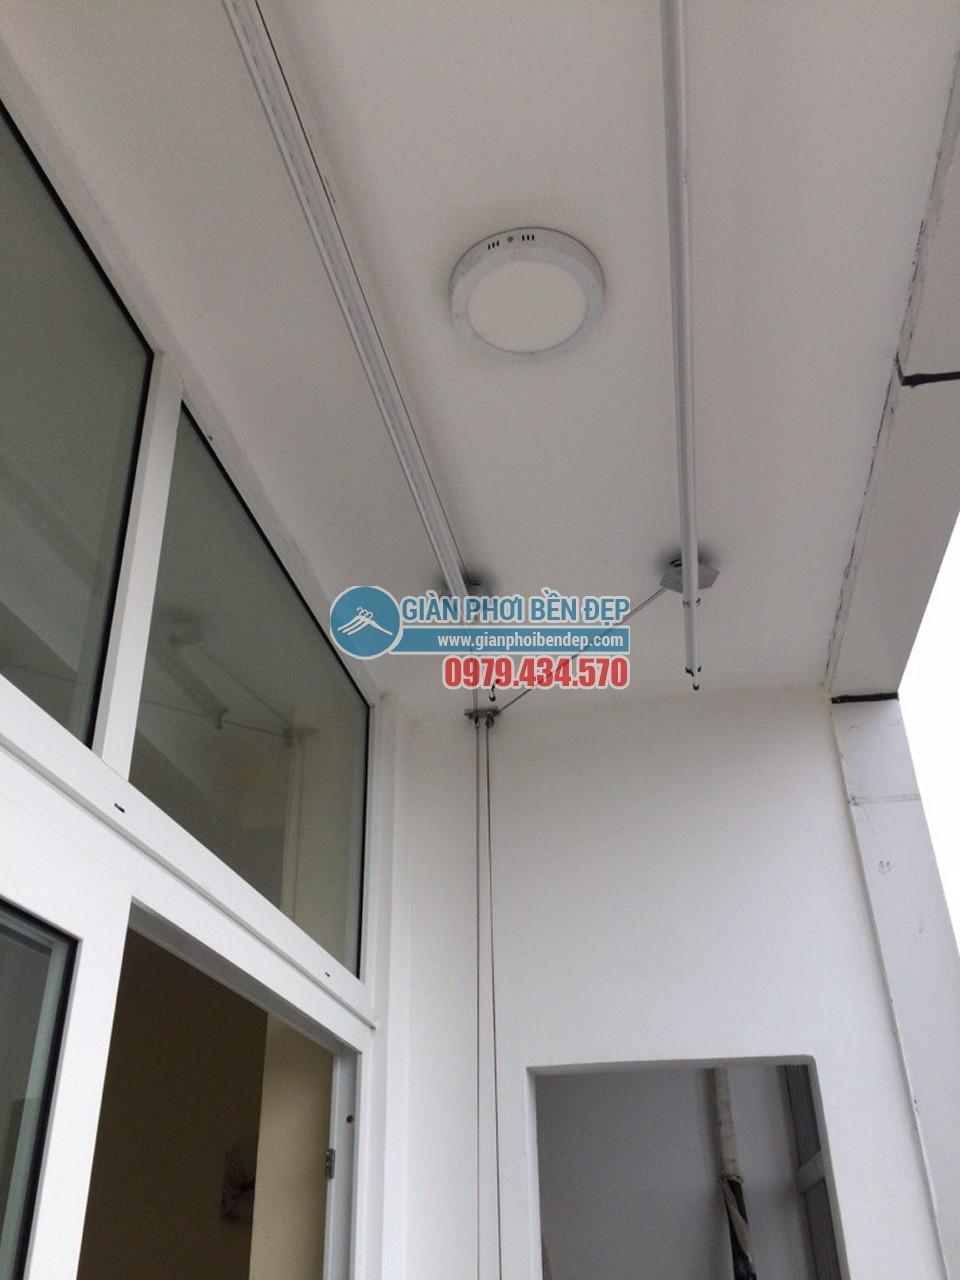 Hoàn thiện lắp đặt giàn phơi thông minh tại ban công nhà chị Hương, KĐT Văn Quán